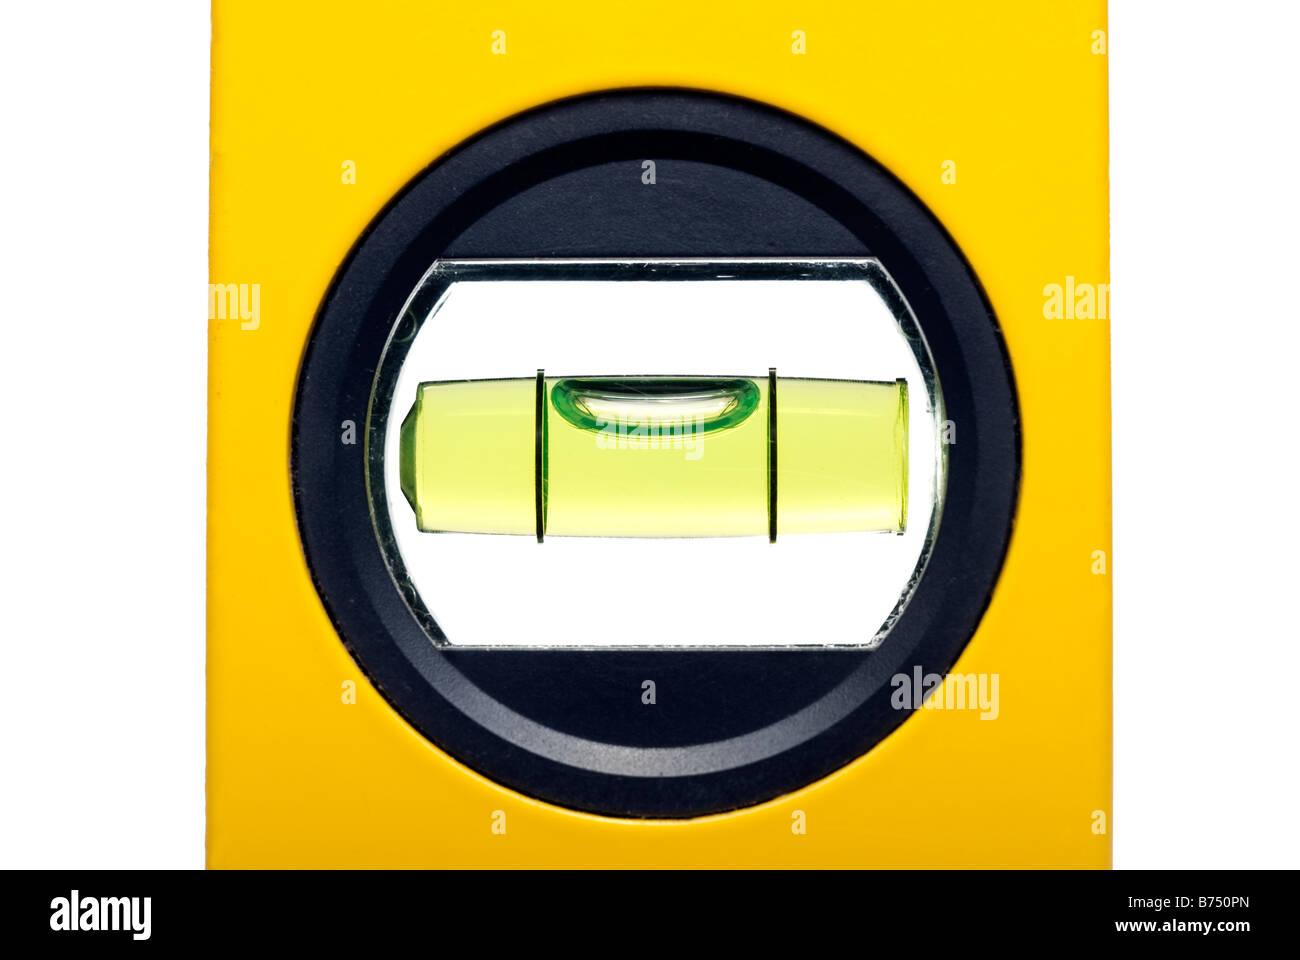 Nivel de burbuja amarilla y acercamiento de la burbuja Imagen De Stock